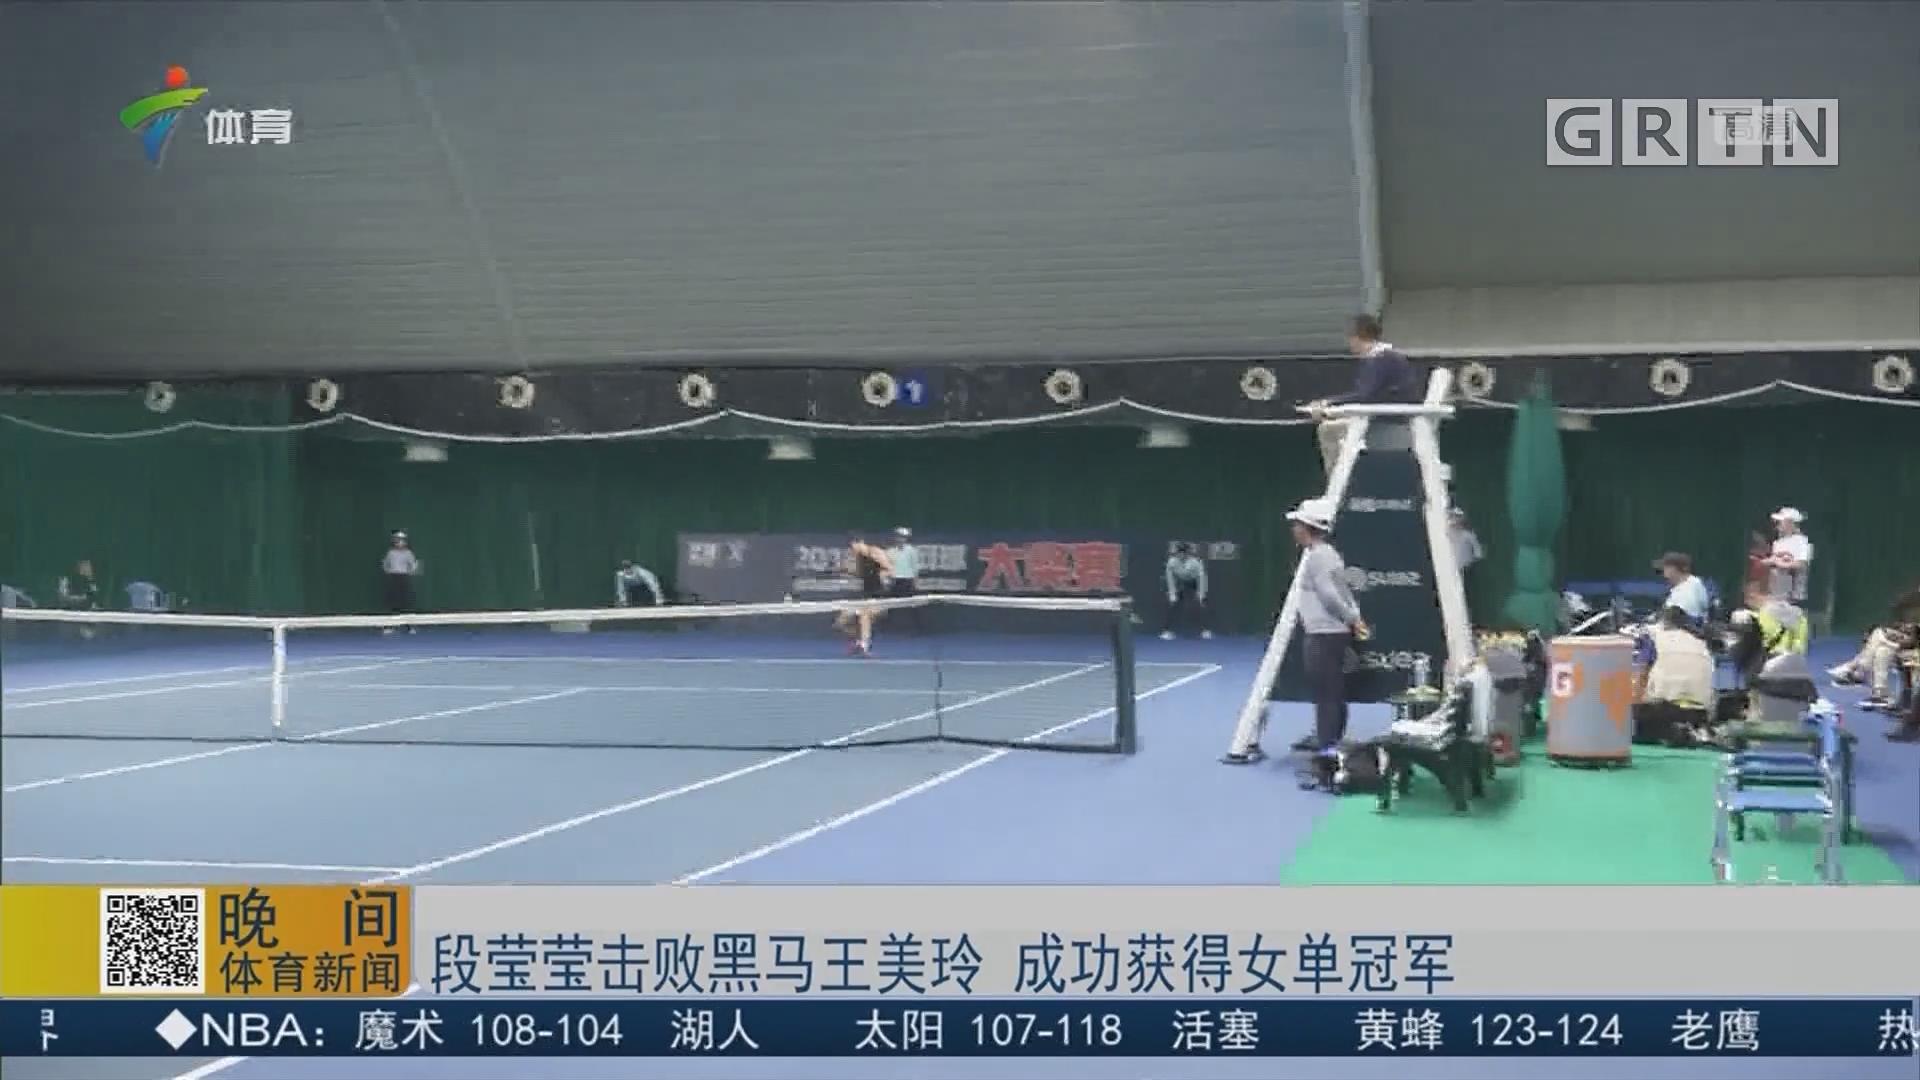 段莹莹击败黑马王美玲 成功获得女单冠军